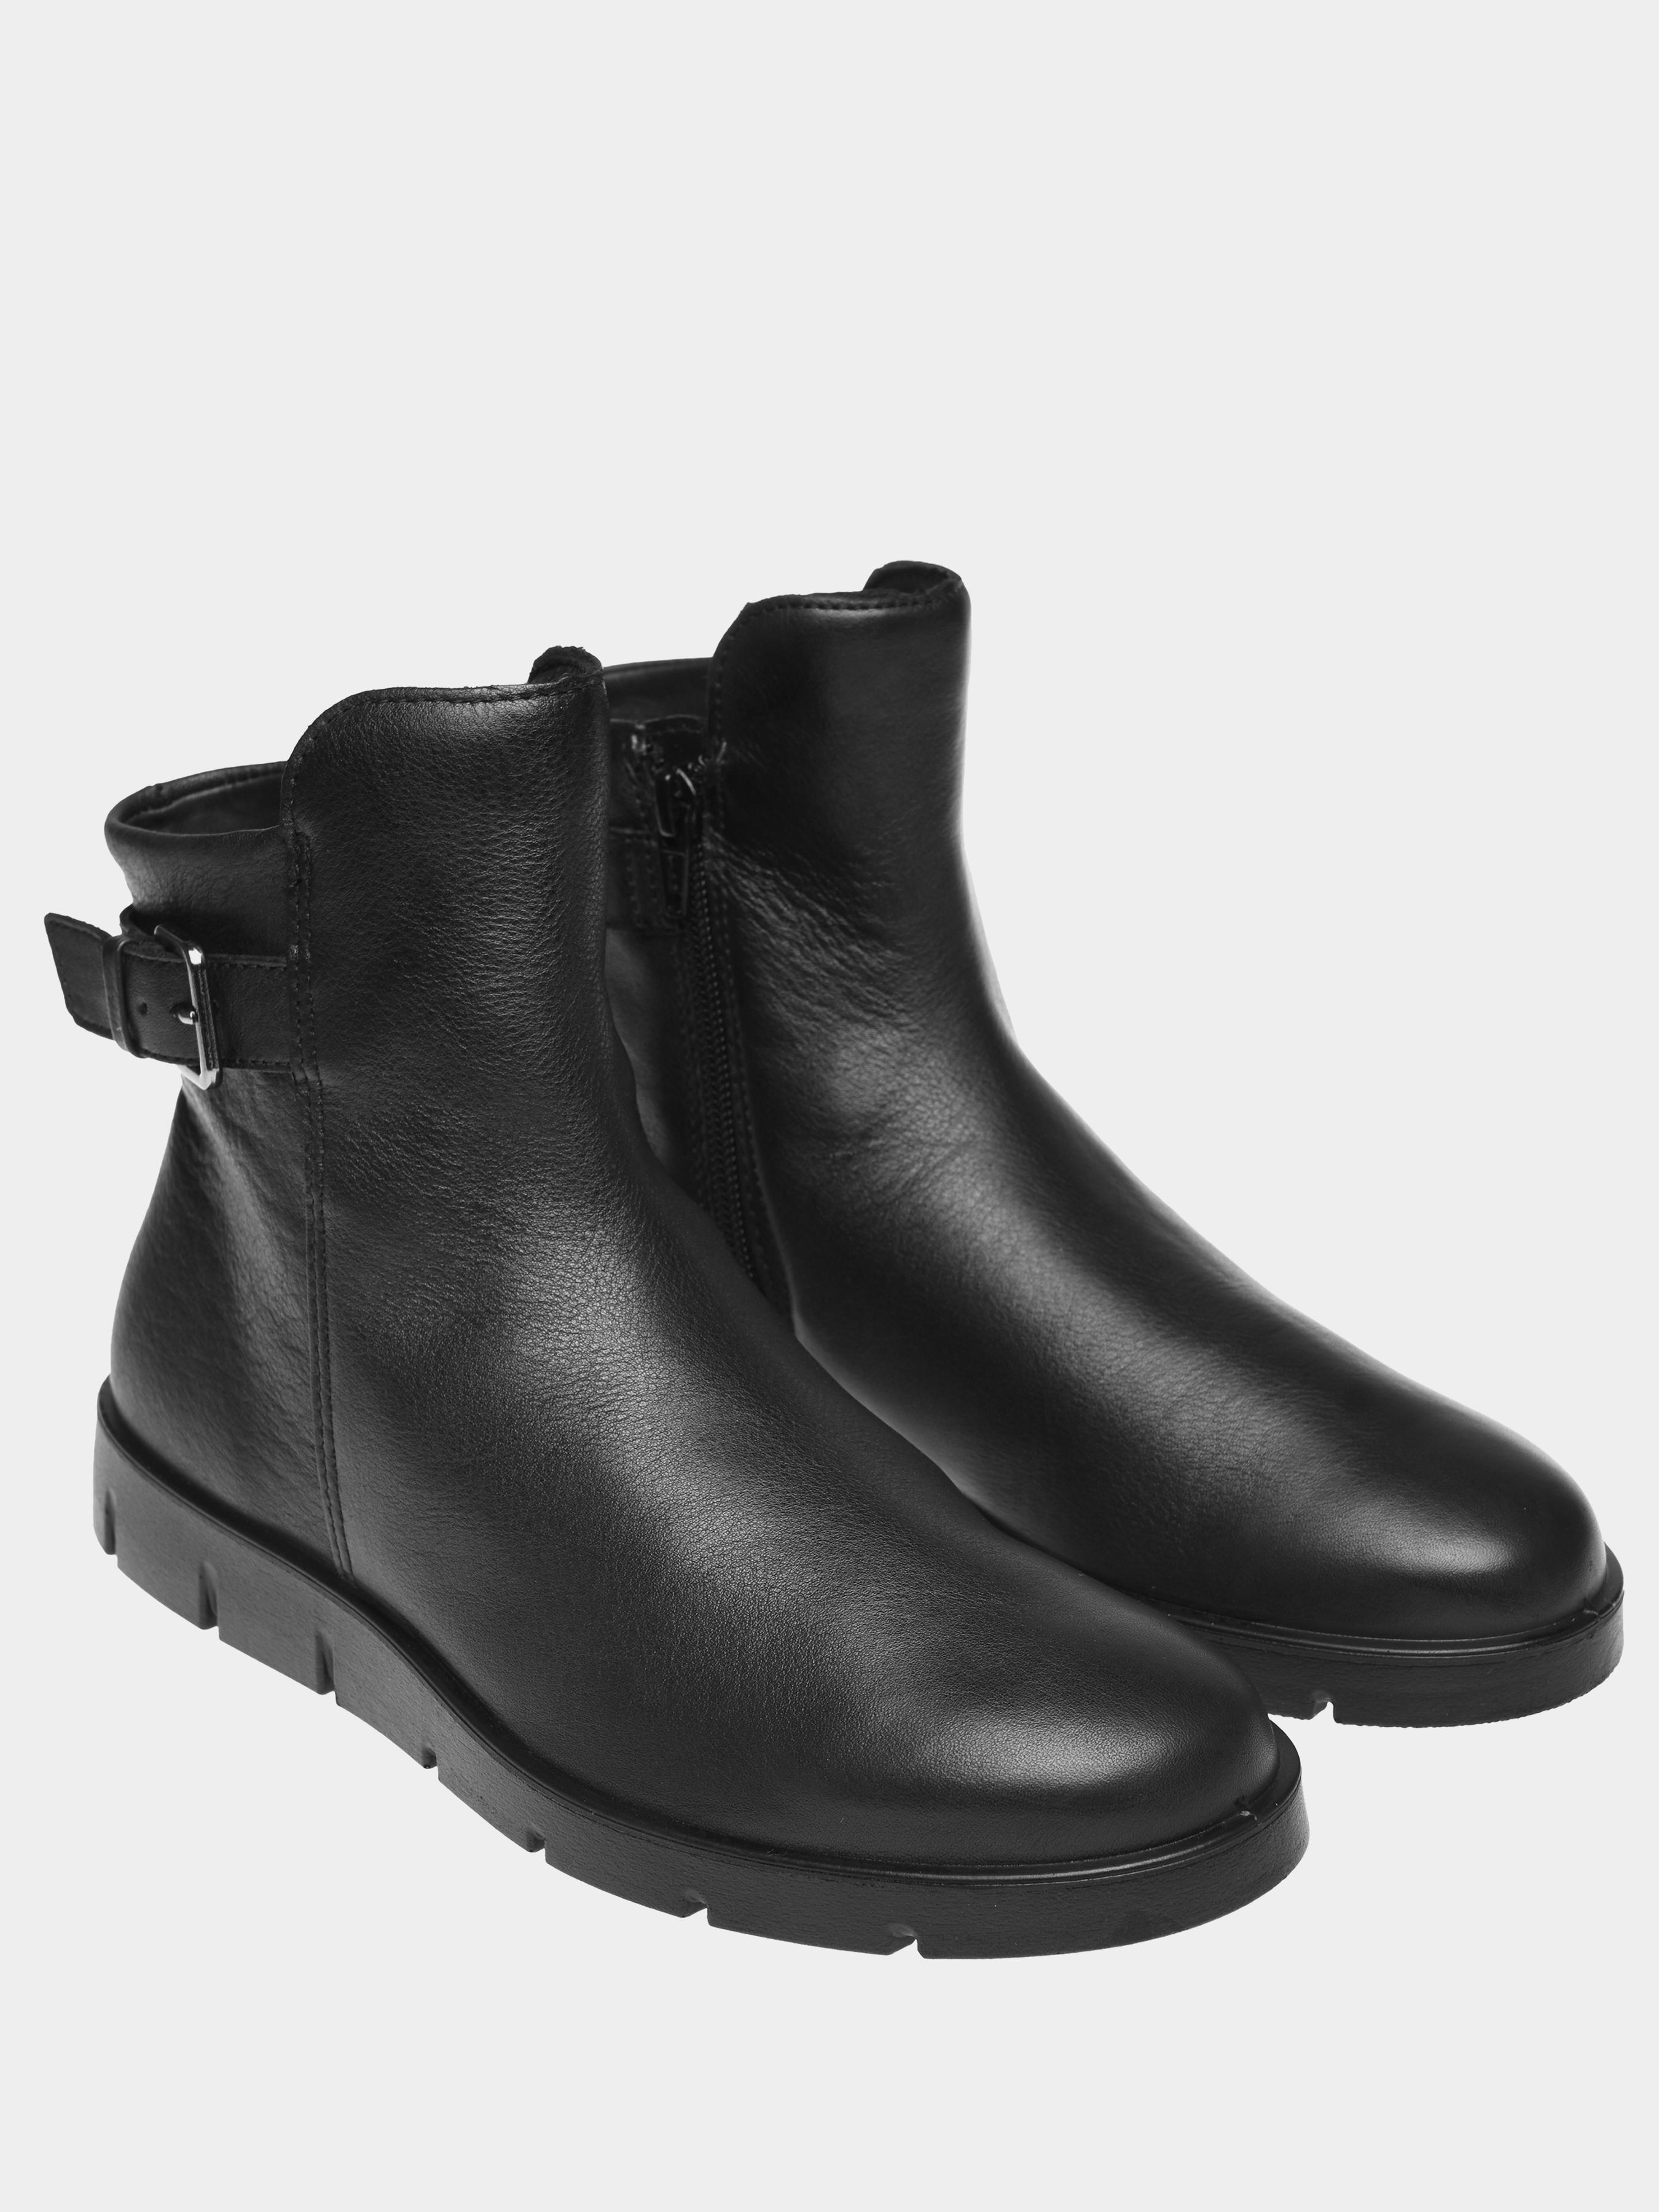 Купить Ботинки женские ECCO BELLA ZW6016, Черный